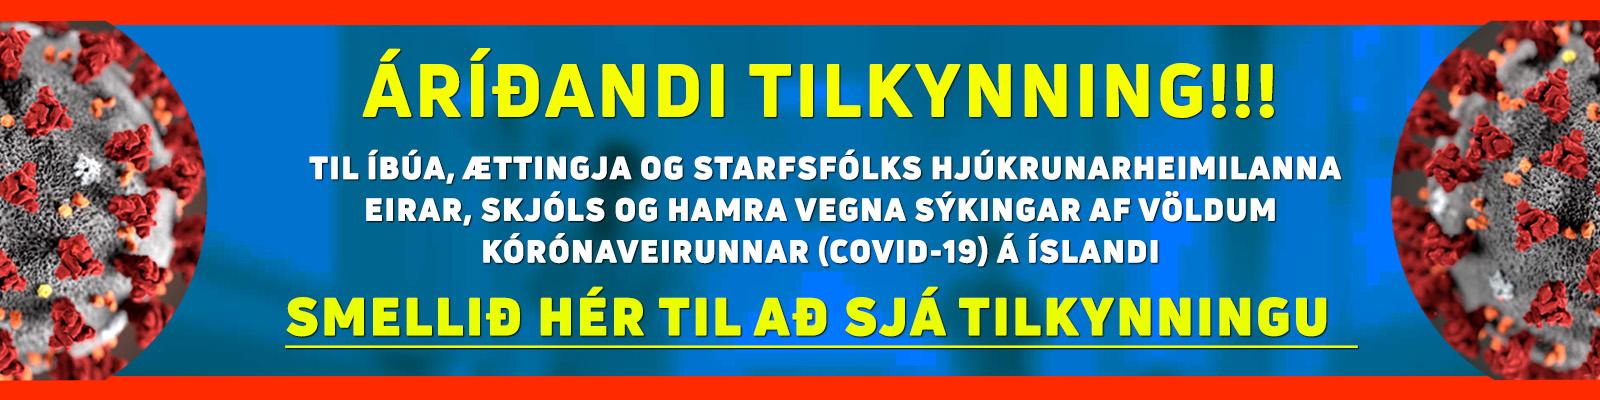 Áríðandi-tilkynning-frá-Eir-vegna-Kórónaveirunnar